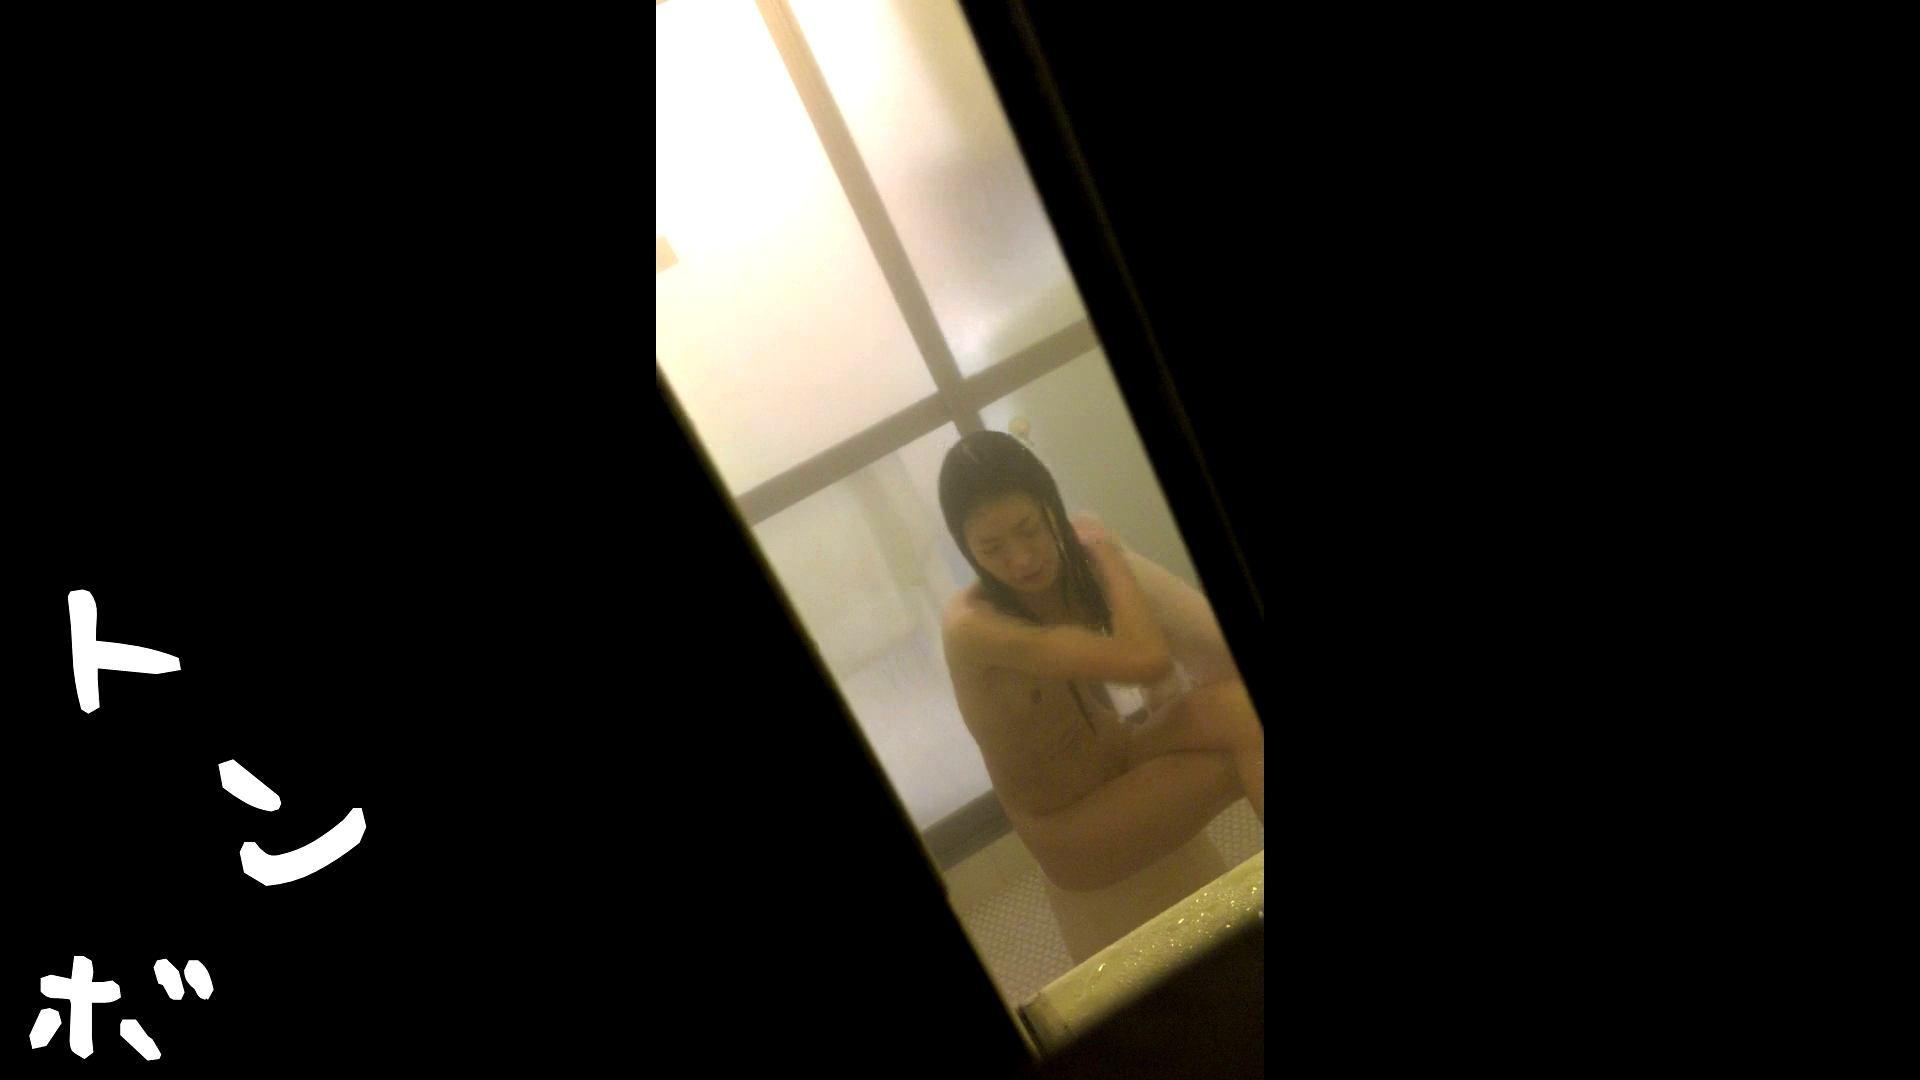 リアル盗撮 中島美嘉現似!美人女子大生のお風呂 桃色乳首 セックス画像 93画像 7